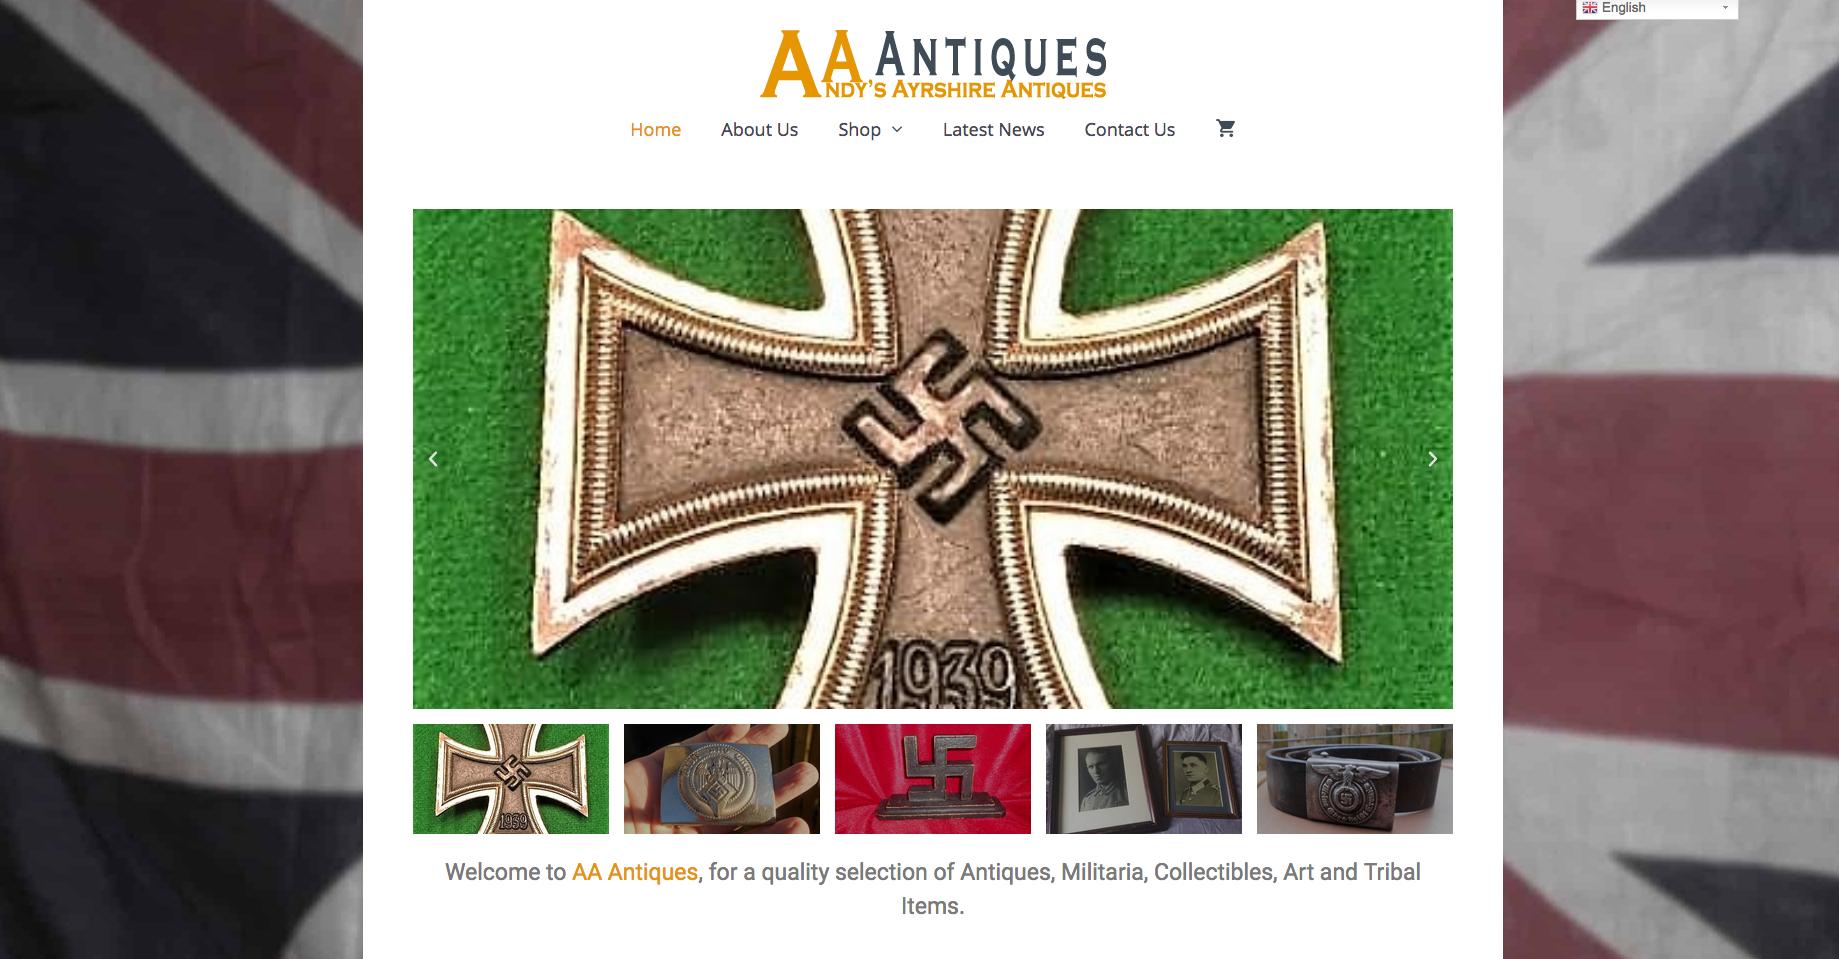 AA Antiques